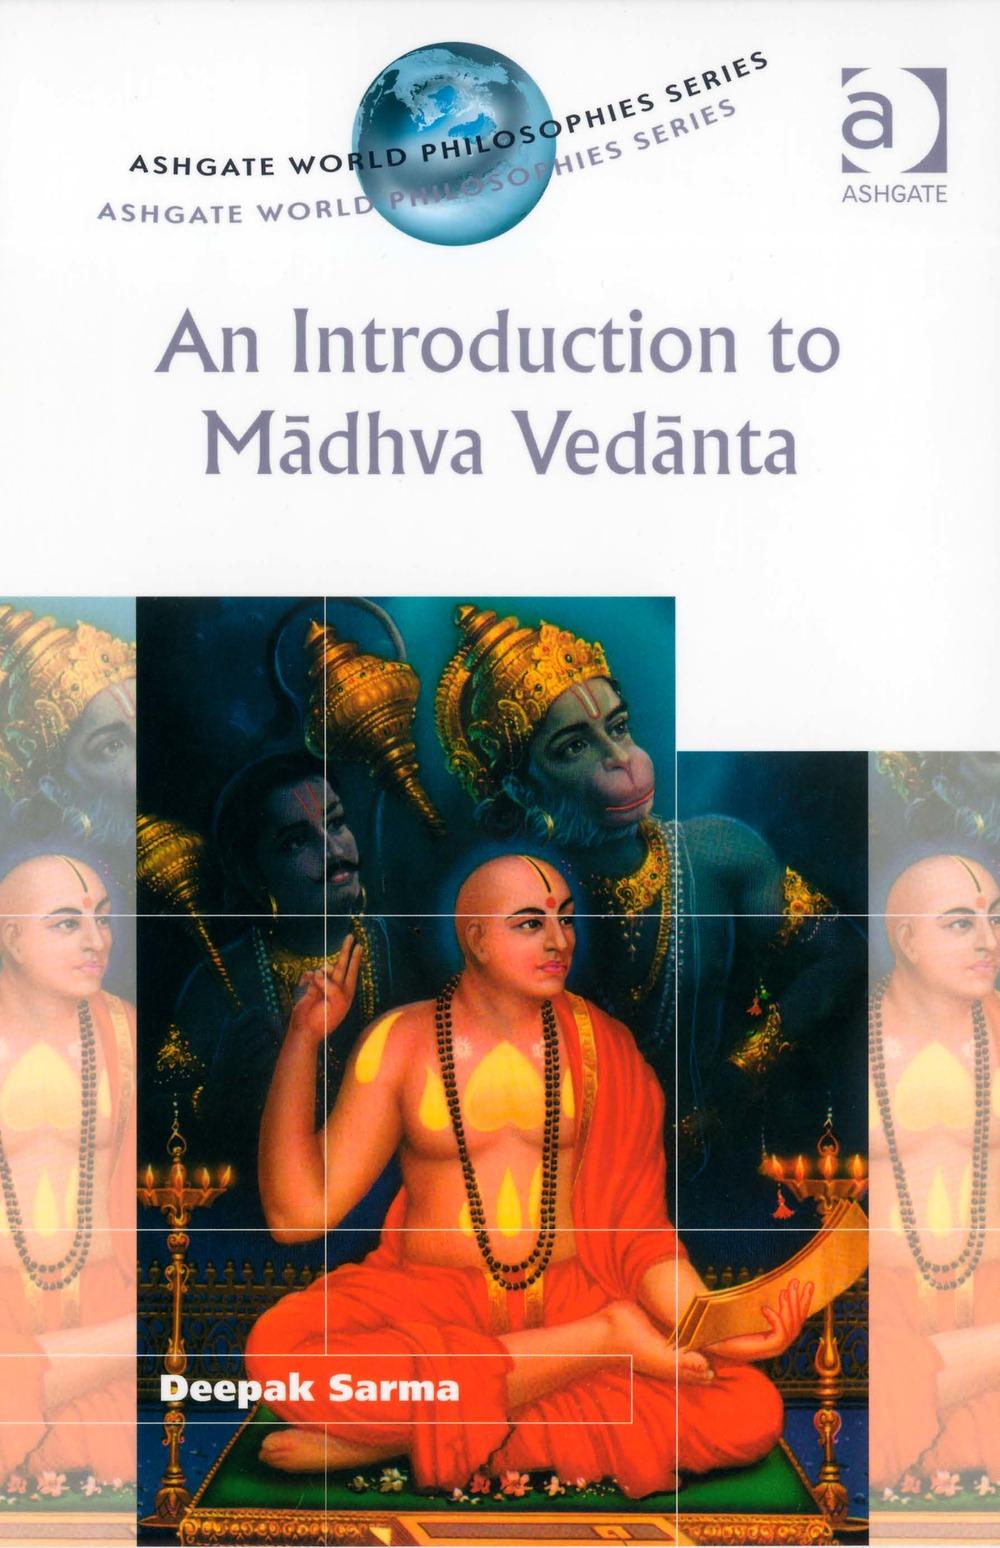 Madhva Vedanta.jpg